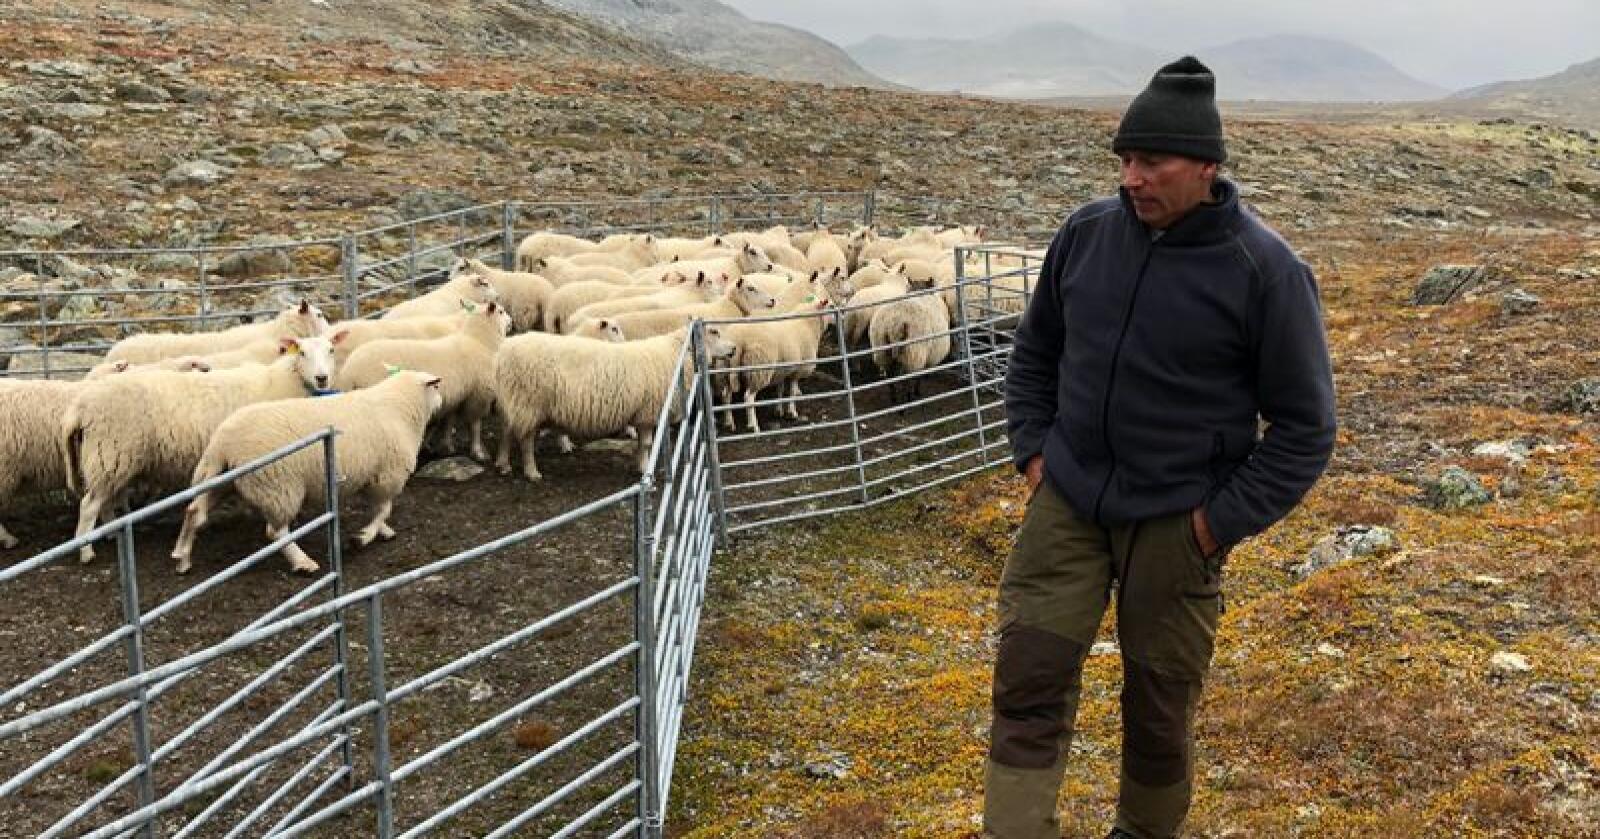 Terje Svisdal har 450 vinterfôra sauer. – Vi sauebønder er flinke til å produsere volum, all den tid det har vært stordriftsfordeler. Det er lettvint å produsere mye nå, siden færre holder på, sier Svisdal. Foto: Knut August Svisdal